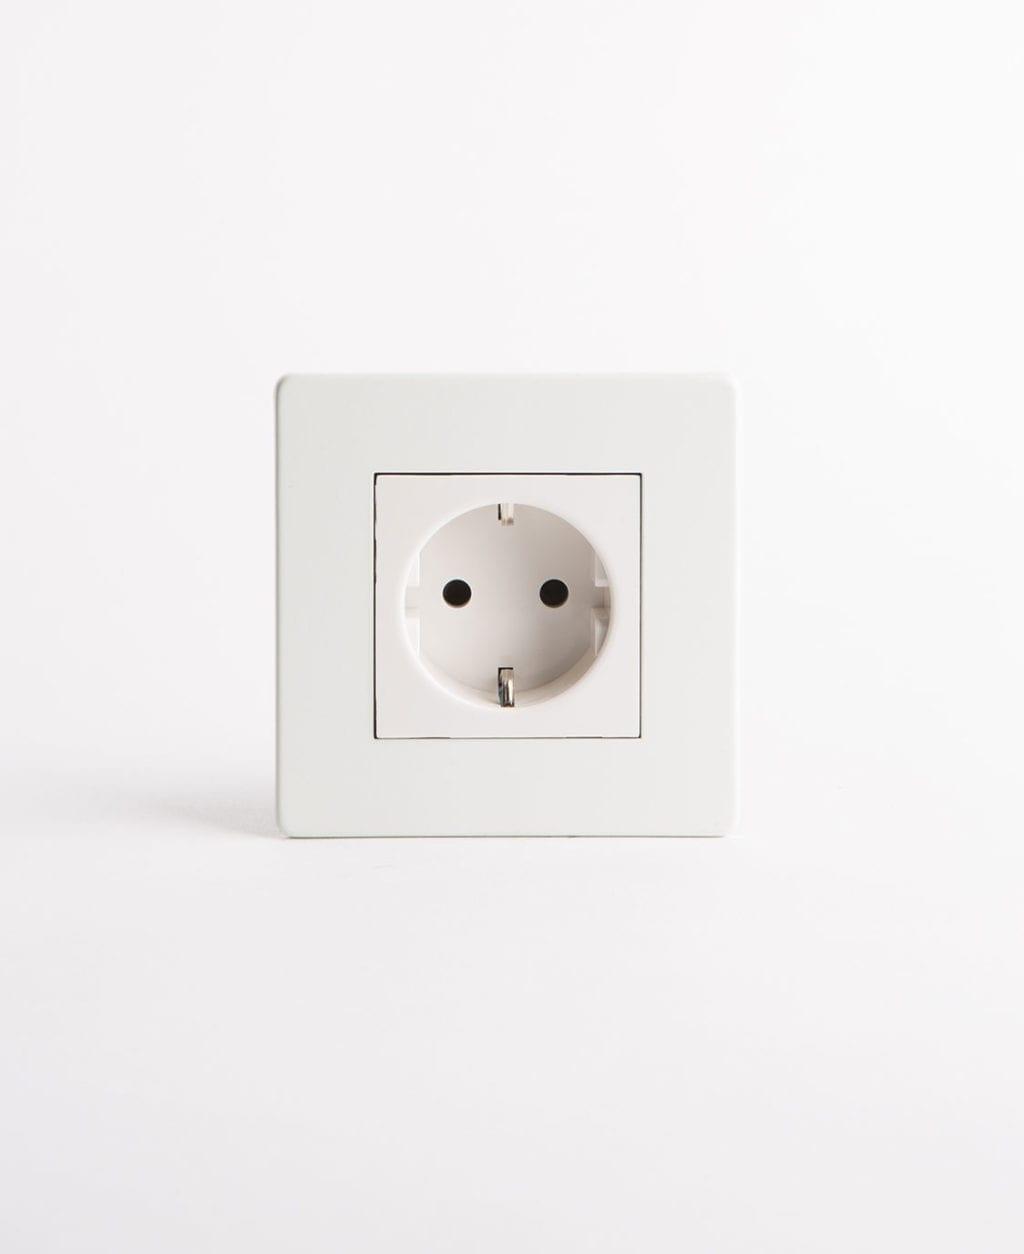 Schuko white single socket